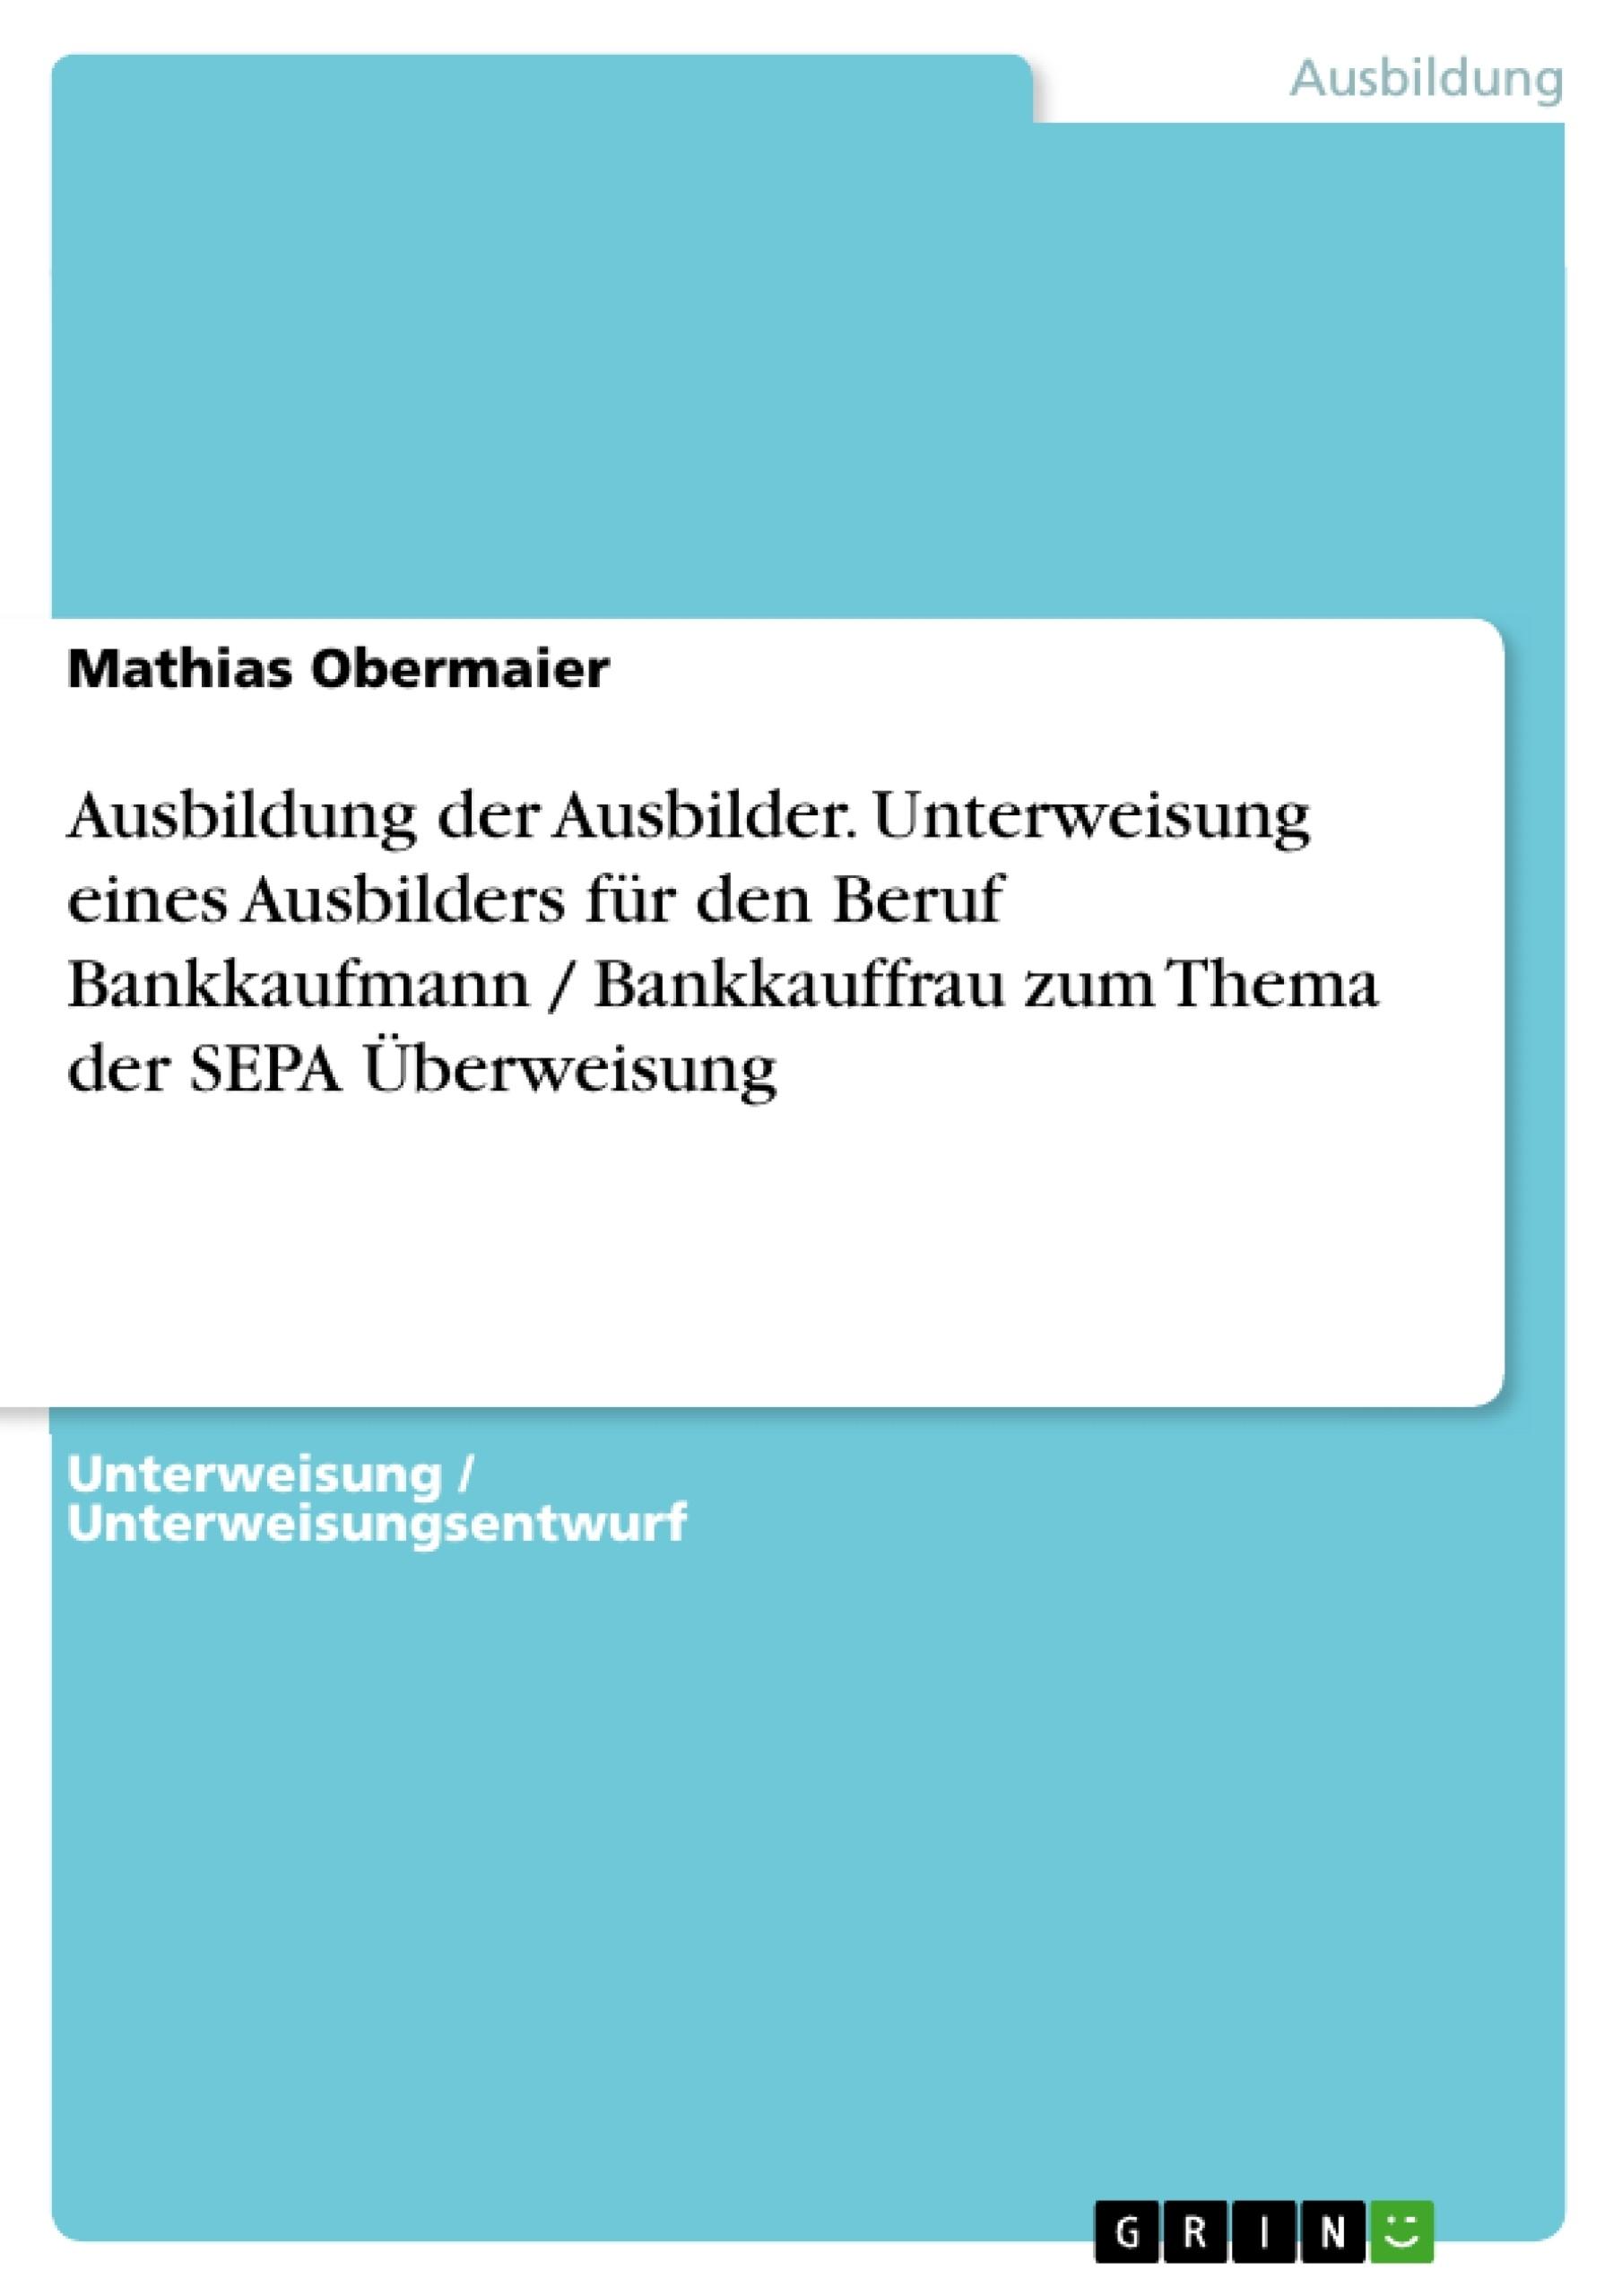 Titel: Ausbildung der Ausbilder. Unterweisung eines Ausbilders für den Beruf Bankkaufmann / Bankkauffrau zum Thema der SEPA Überweisung